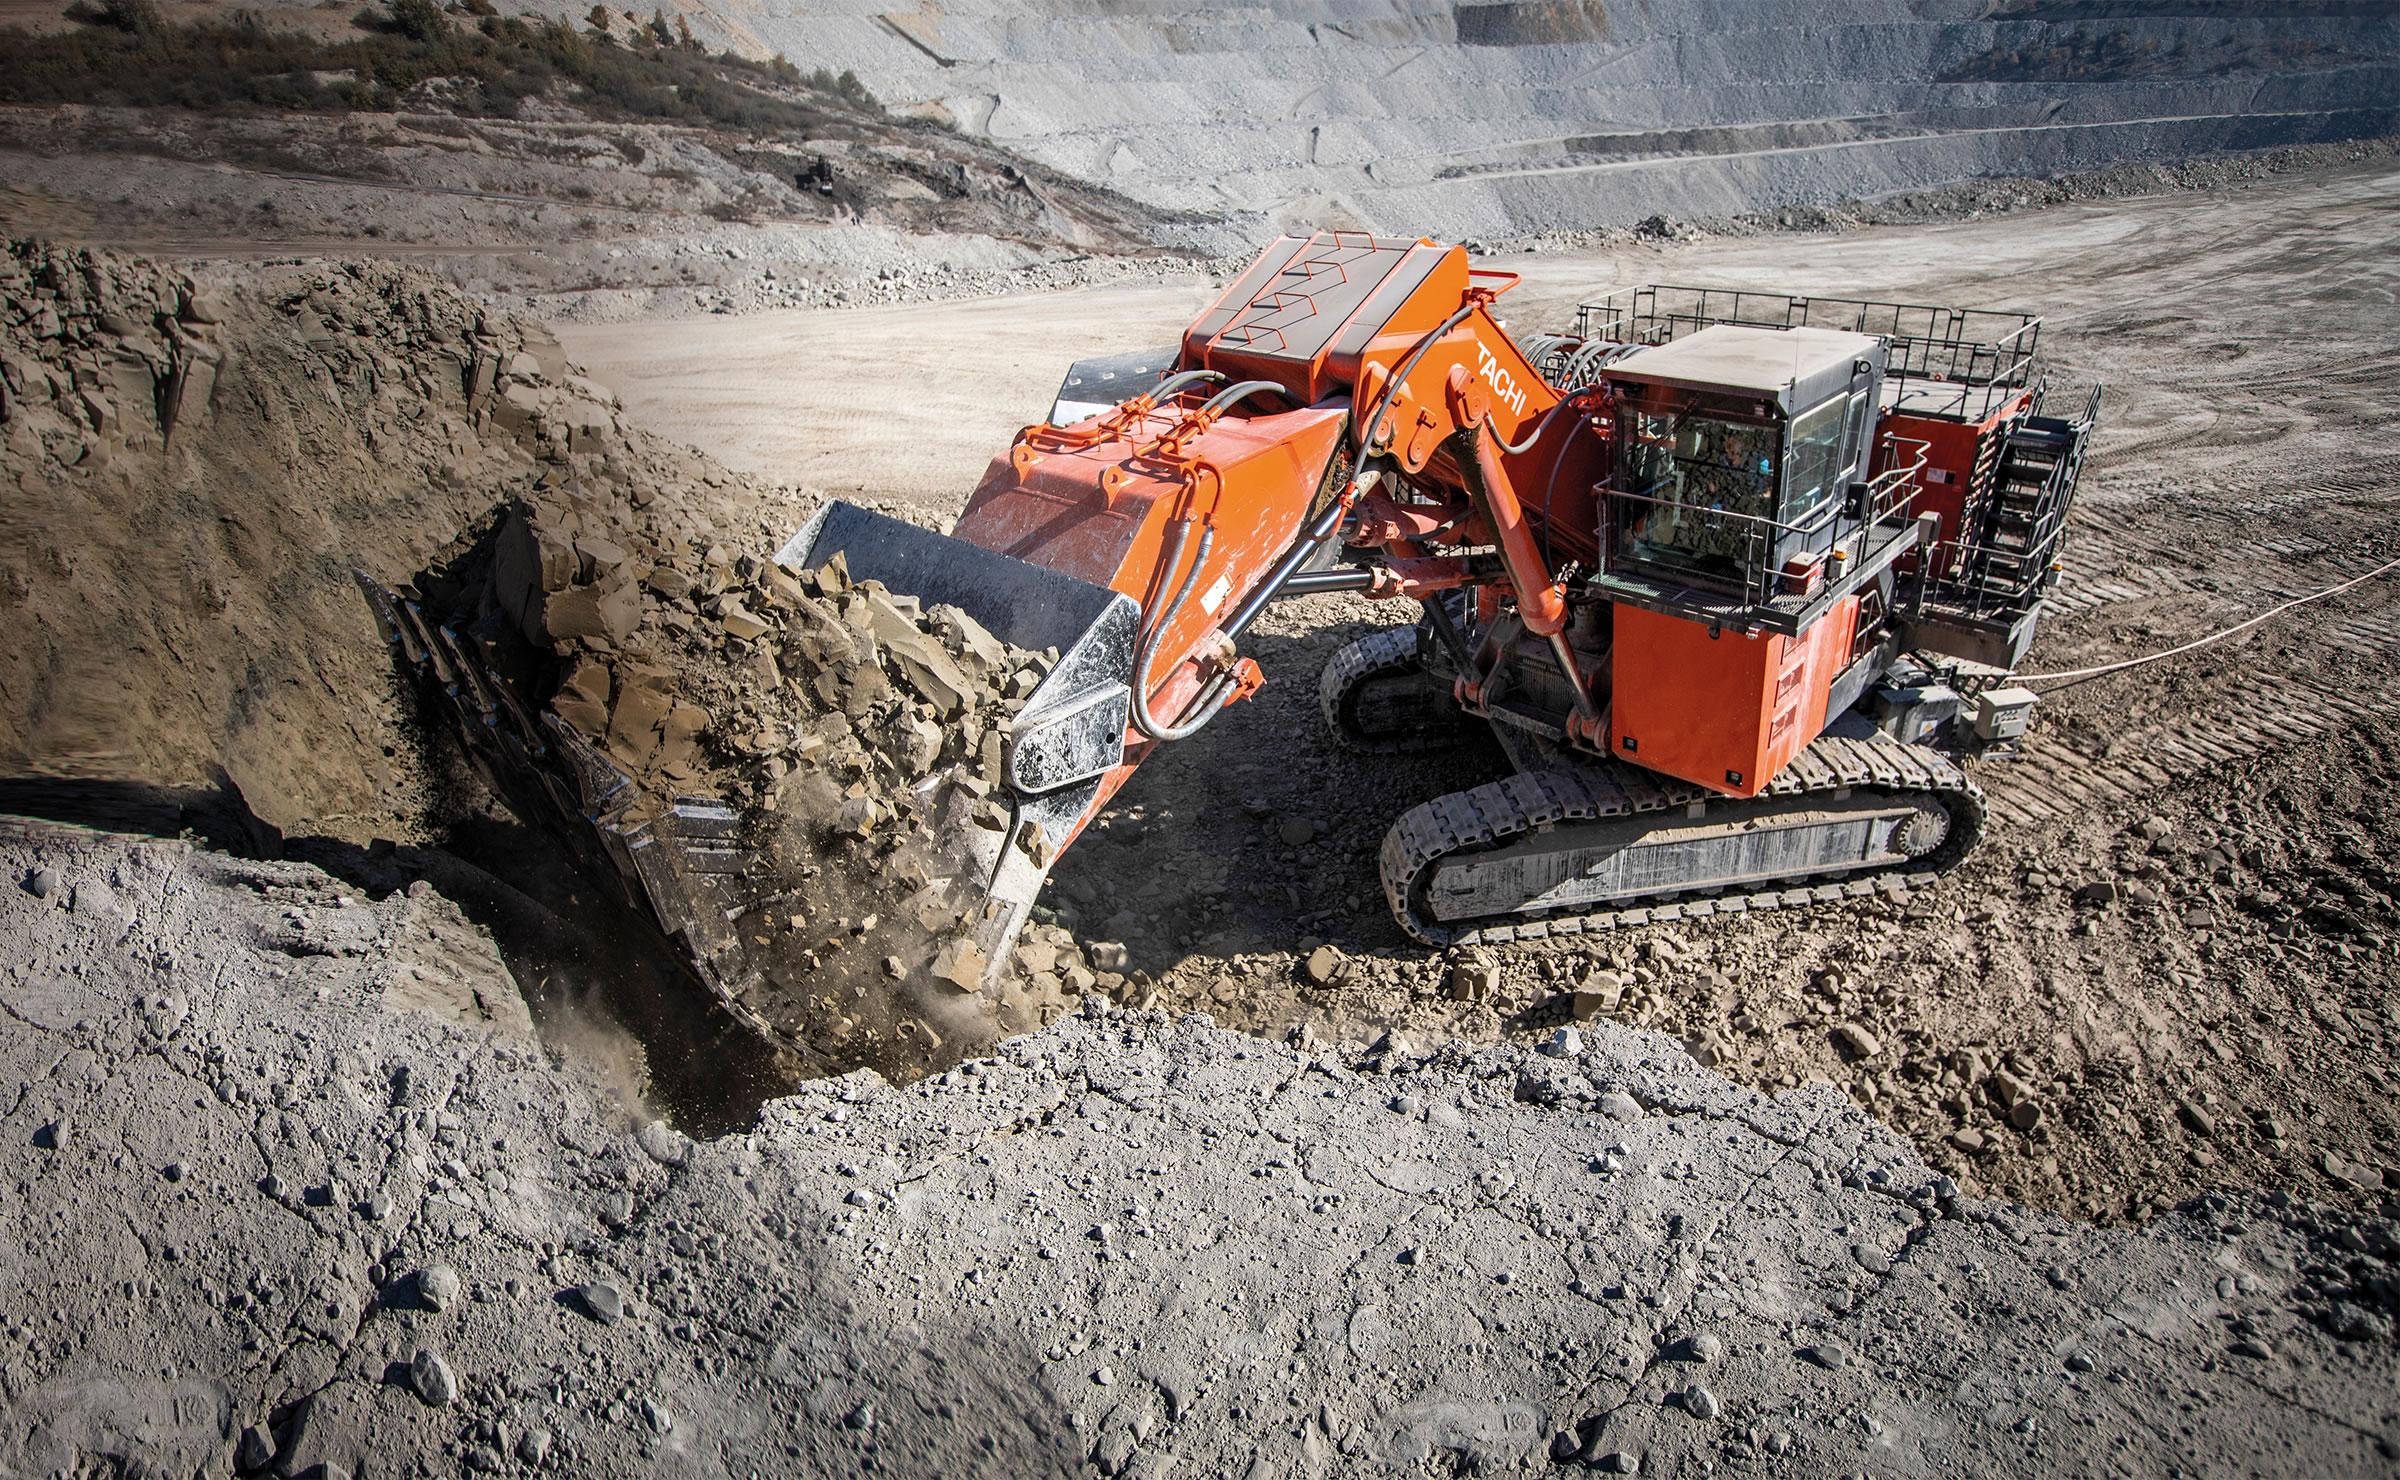 Hitachi large excavator in mine